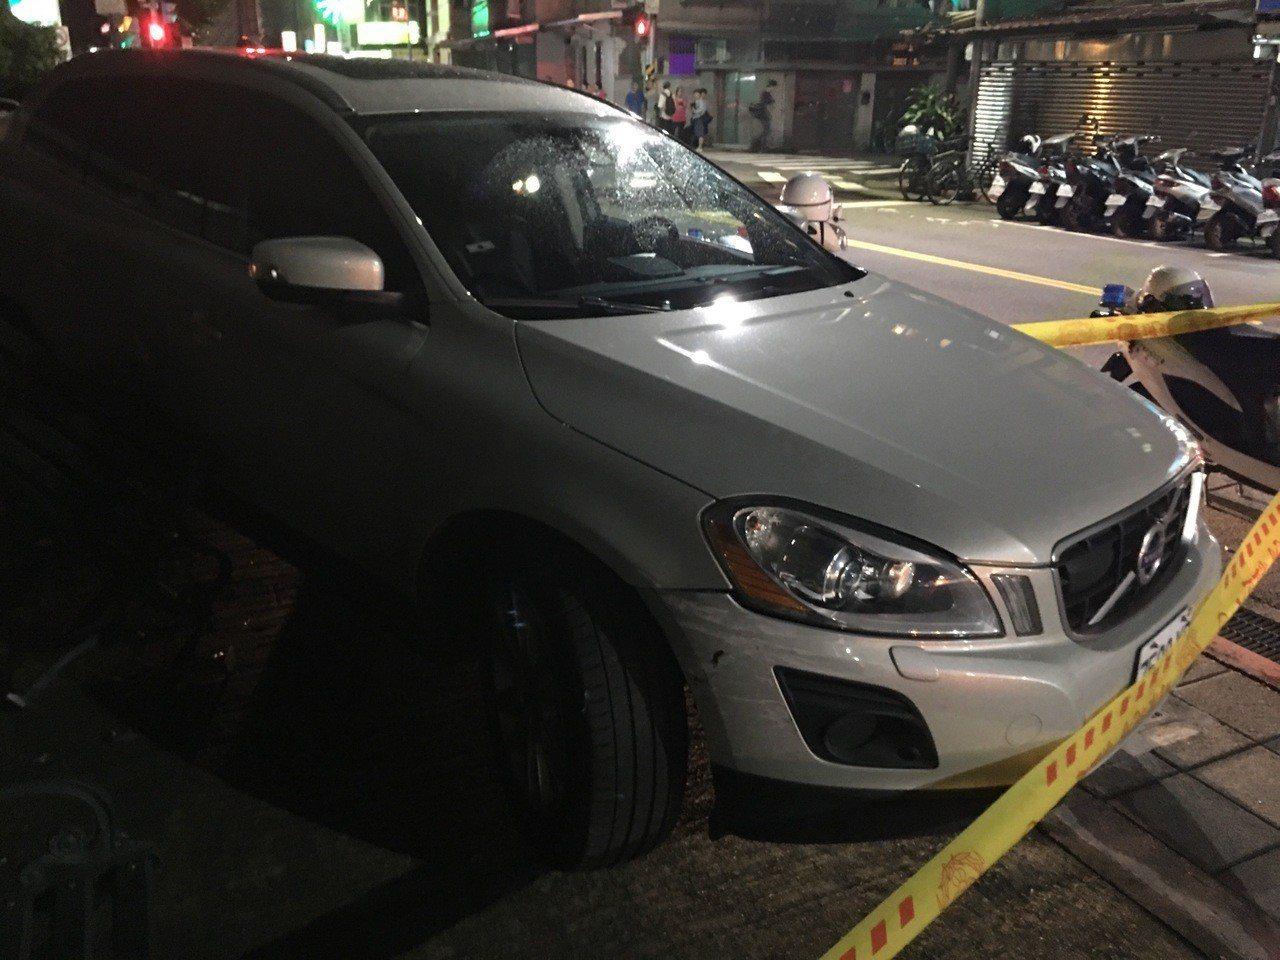 45歲梁男駕駛休旅車,因不明原因失控撞擊路邊兩輛汽車、一名機車騎士,並輾過一名女...